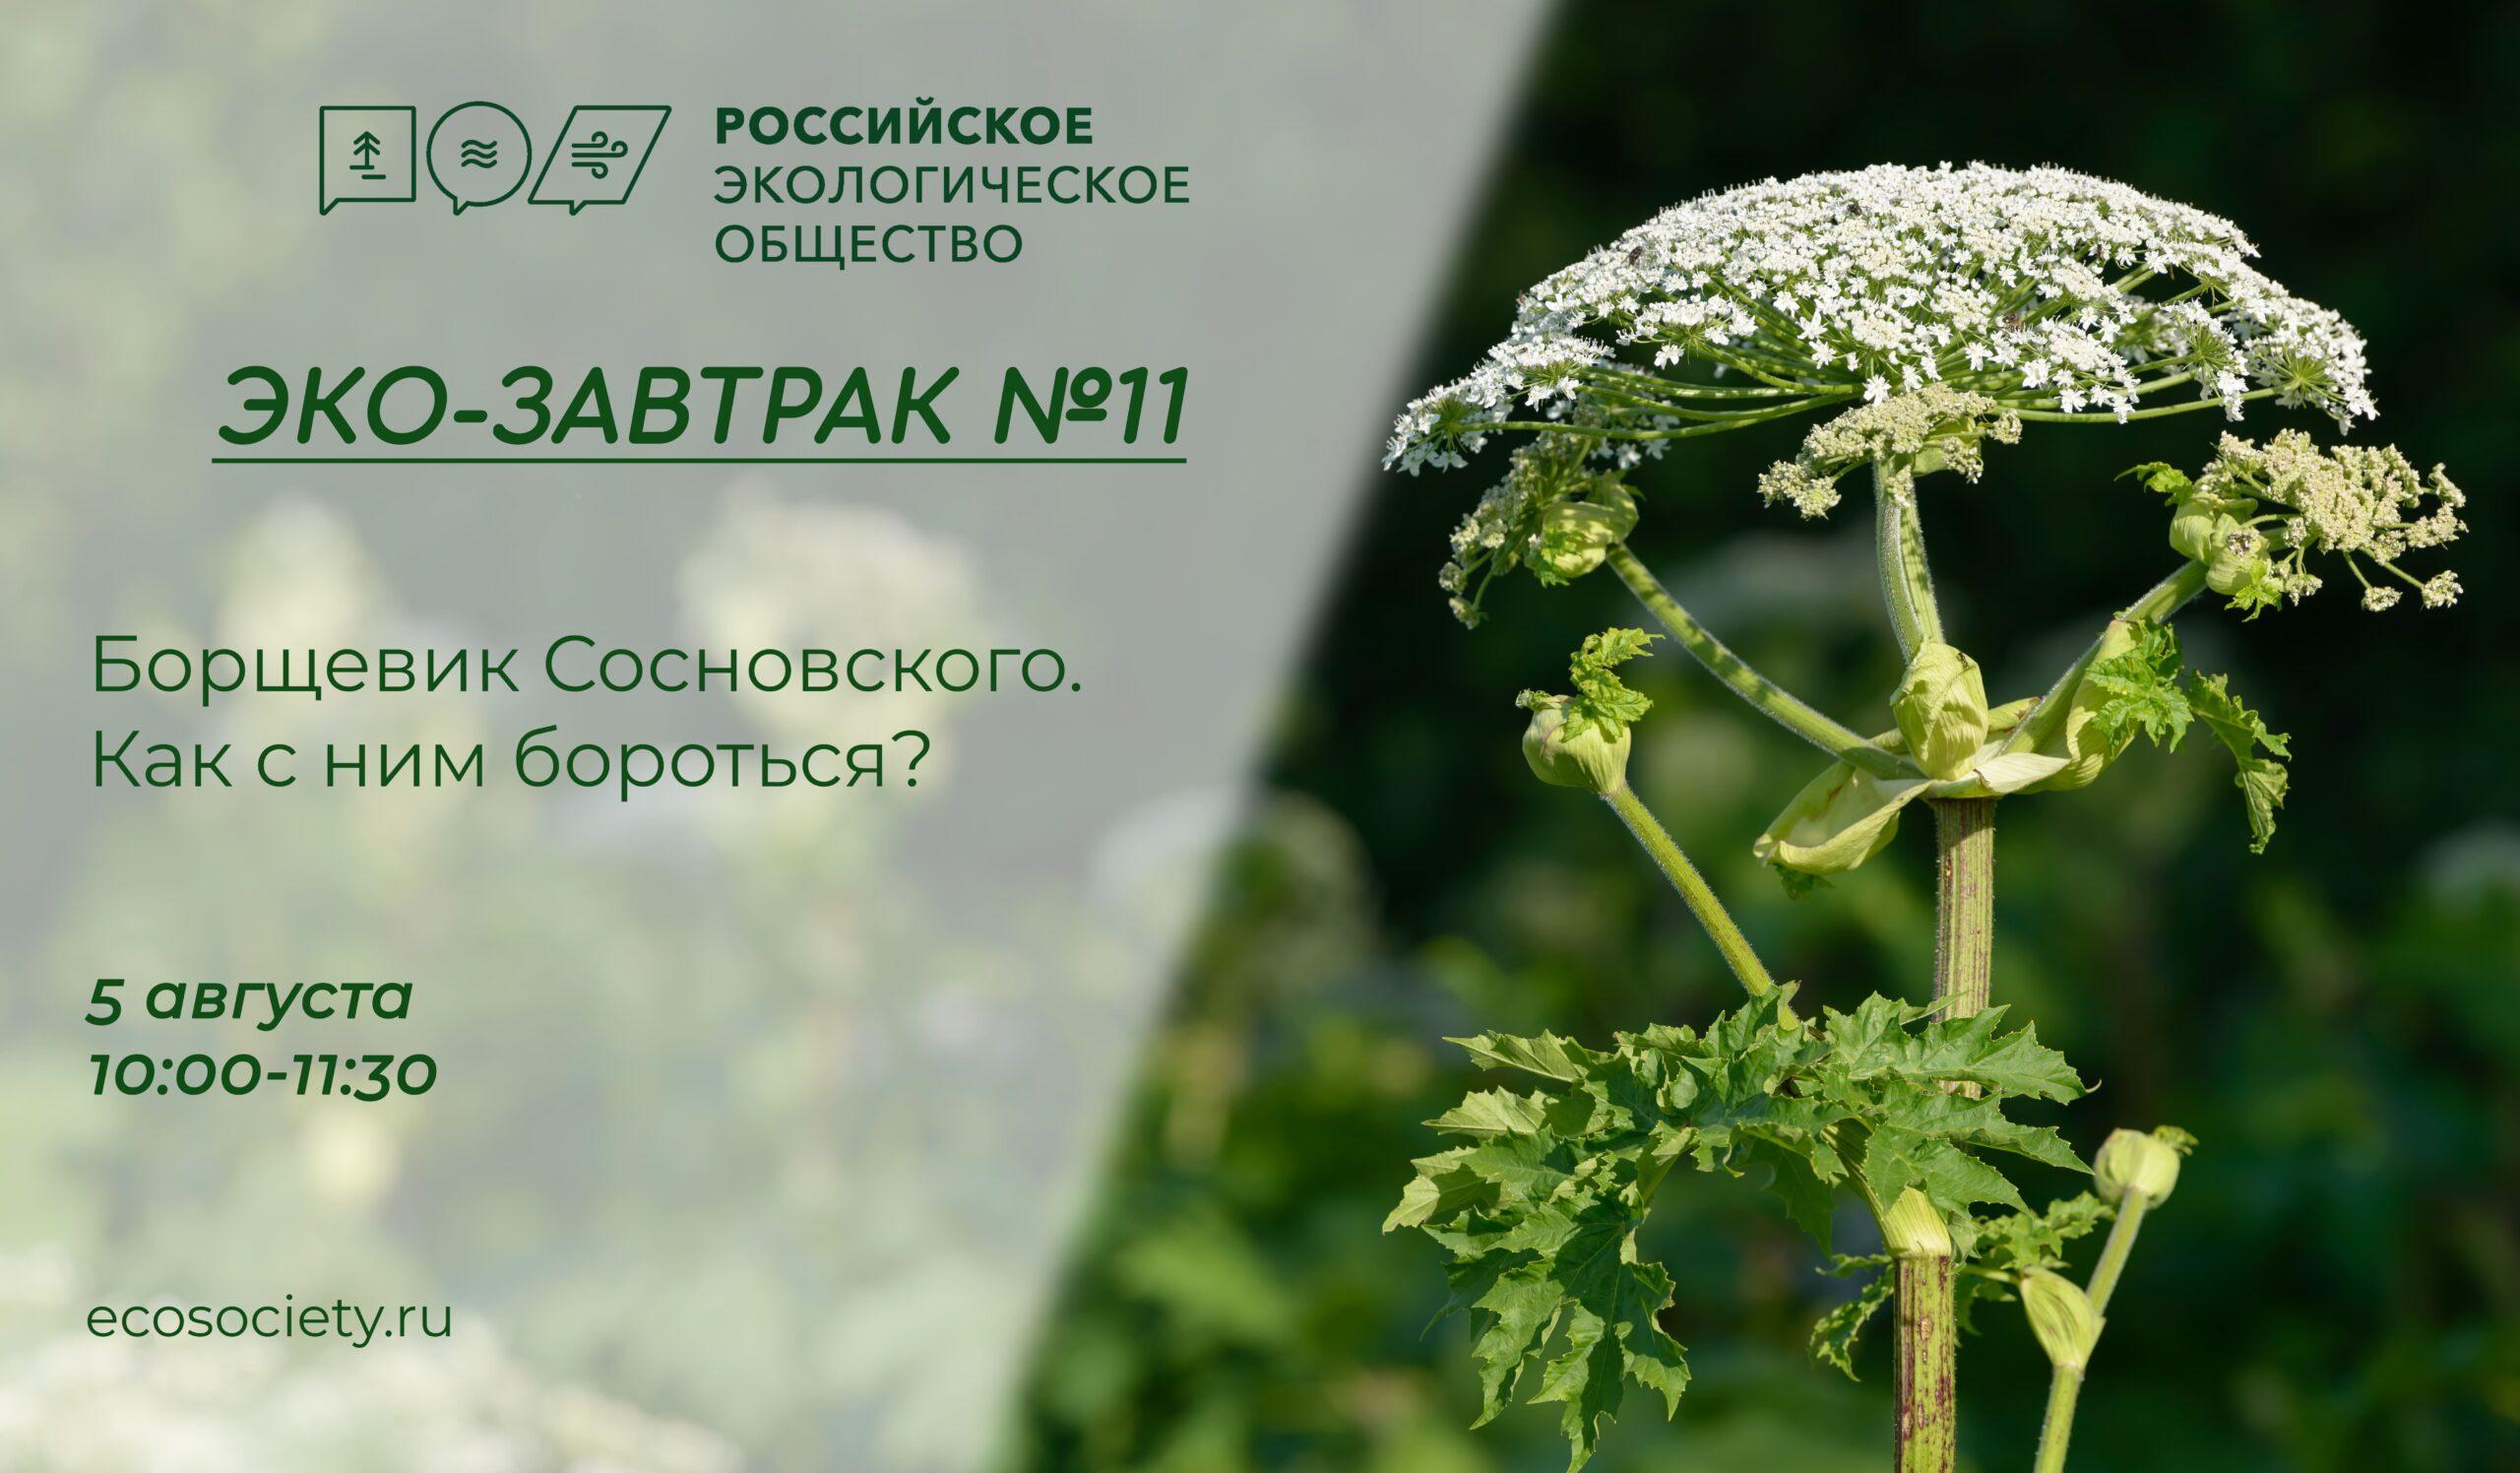 В Российском экологическом обществе состоится Эко-завтрак на тему «Борщевик Сосновского. Как с ним бороться?»